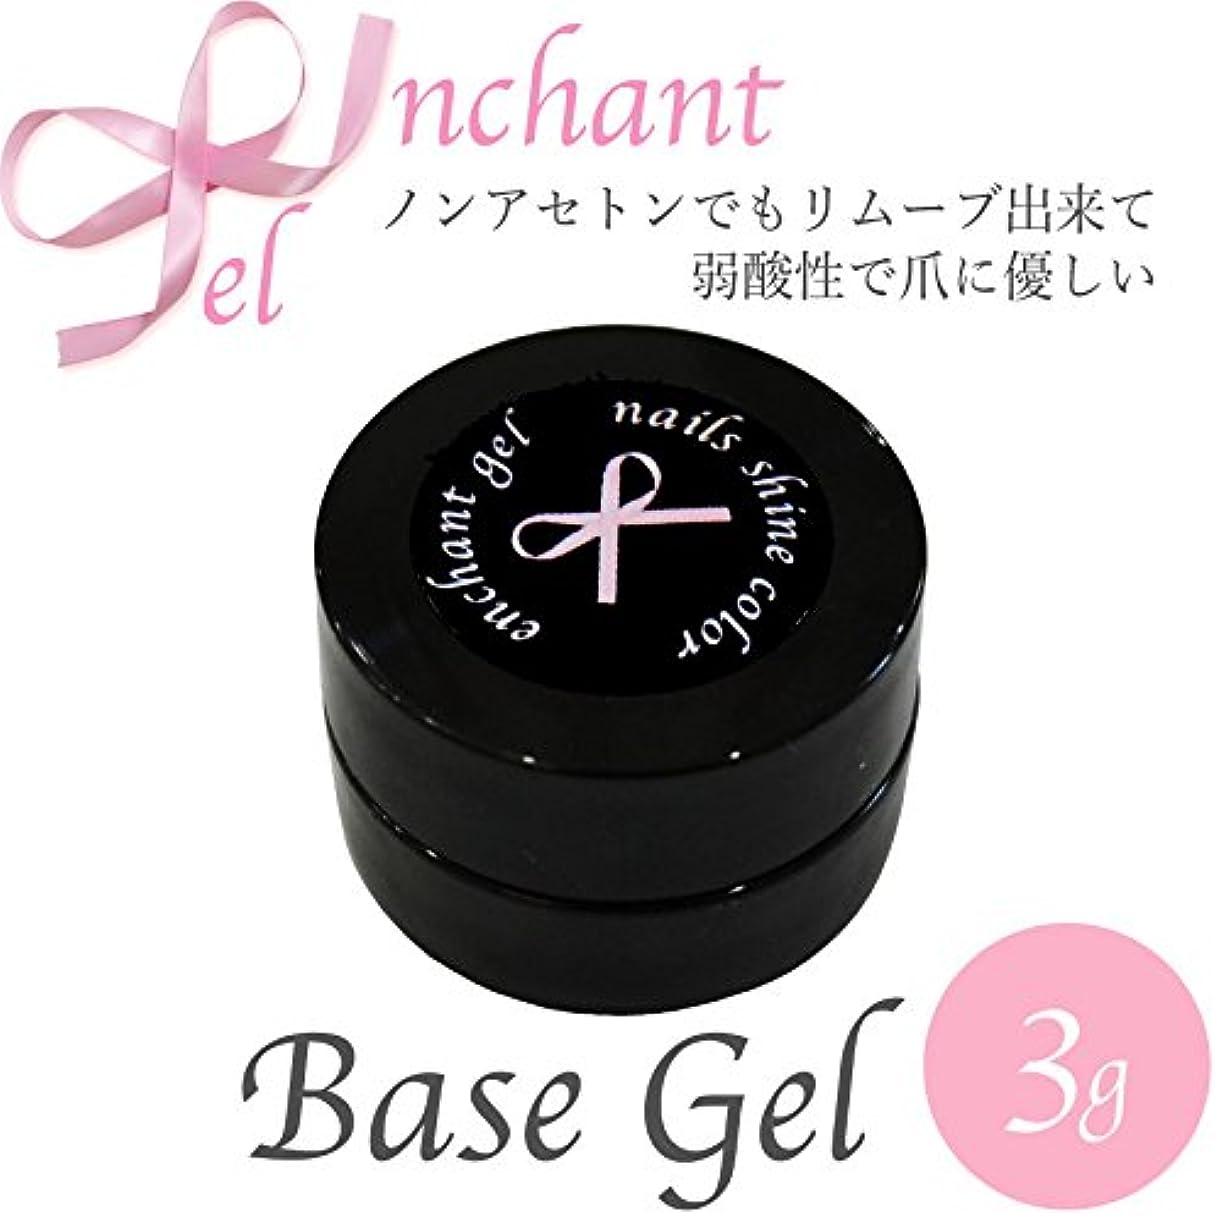 批判する家競うenchant gel clear base gel 3g/エンチャントジェル クリアーベースジェル 3グラム